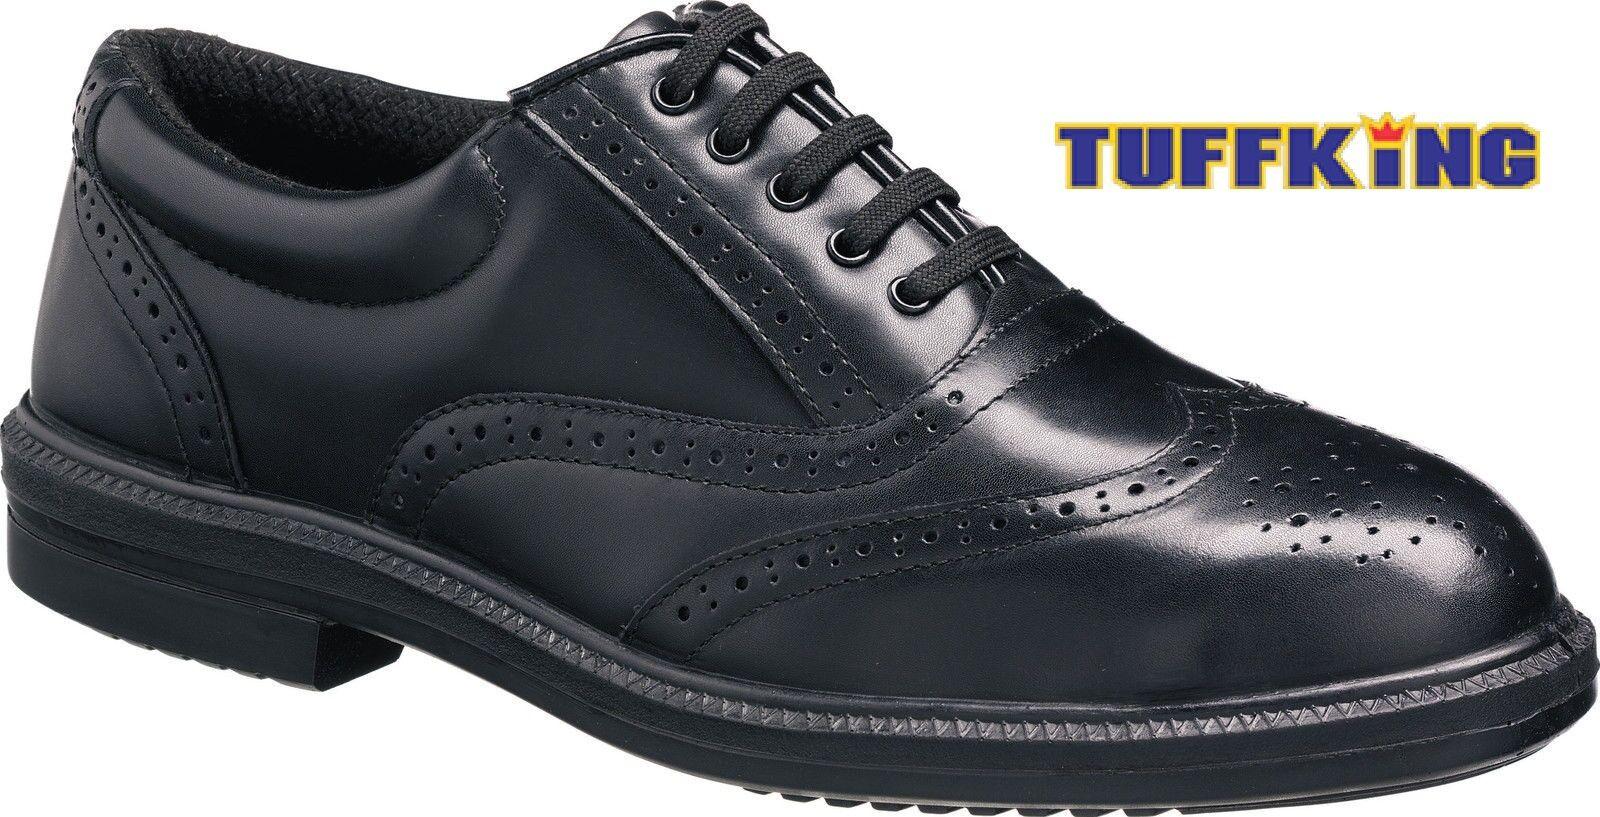 Tuffking 9076 S1P Negro Puntera De Acero Oxford Zapatos Trabajo Seguridad Oxford Acero Brogue Executive 1a26c9